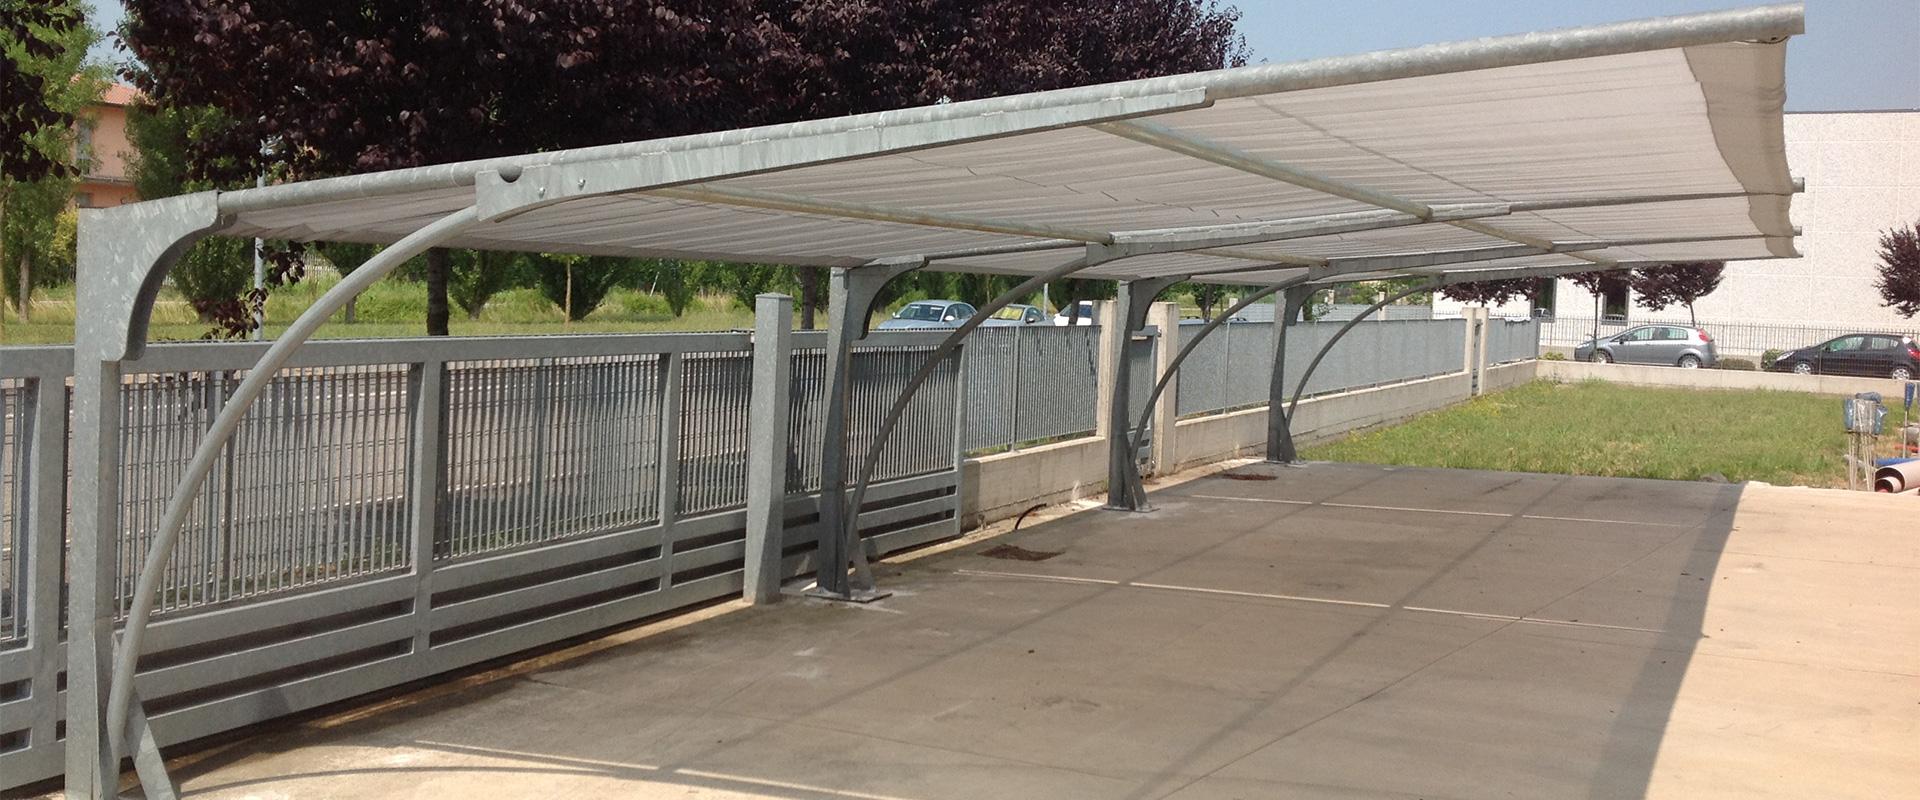 AUTOCOVER - Sistemi di copertura per auto, parcheggi ombreggianti antigrandine, tettoie, pensiline